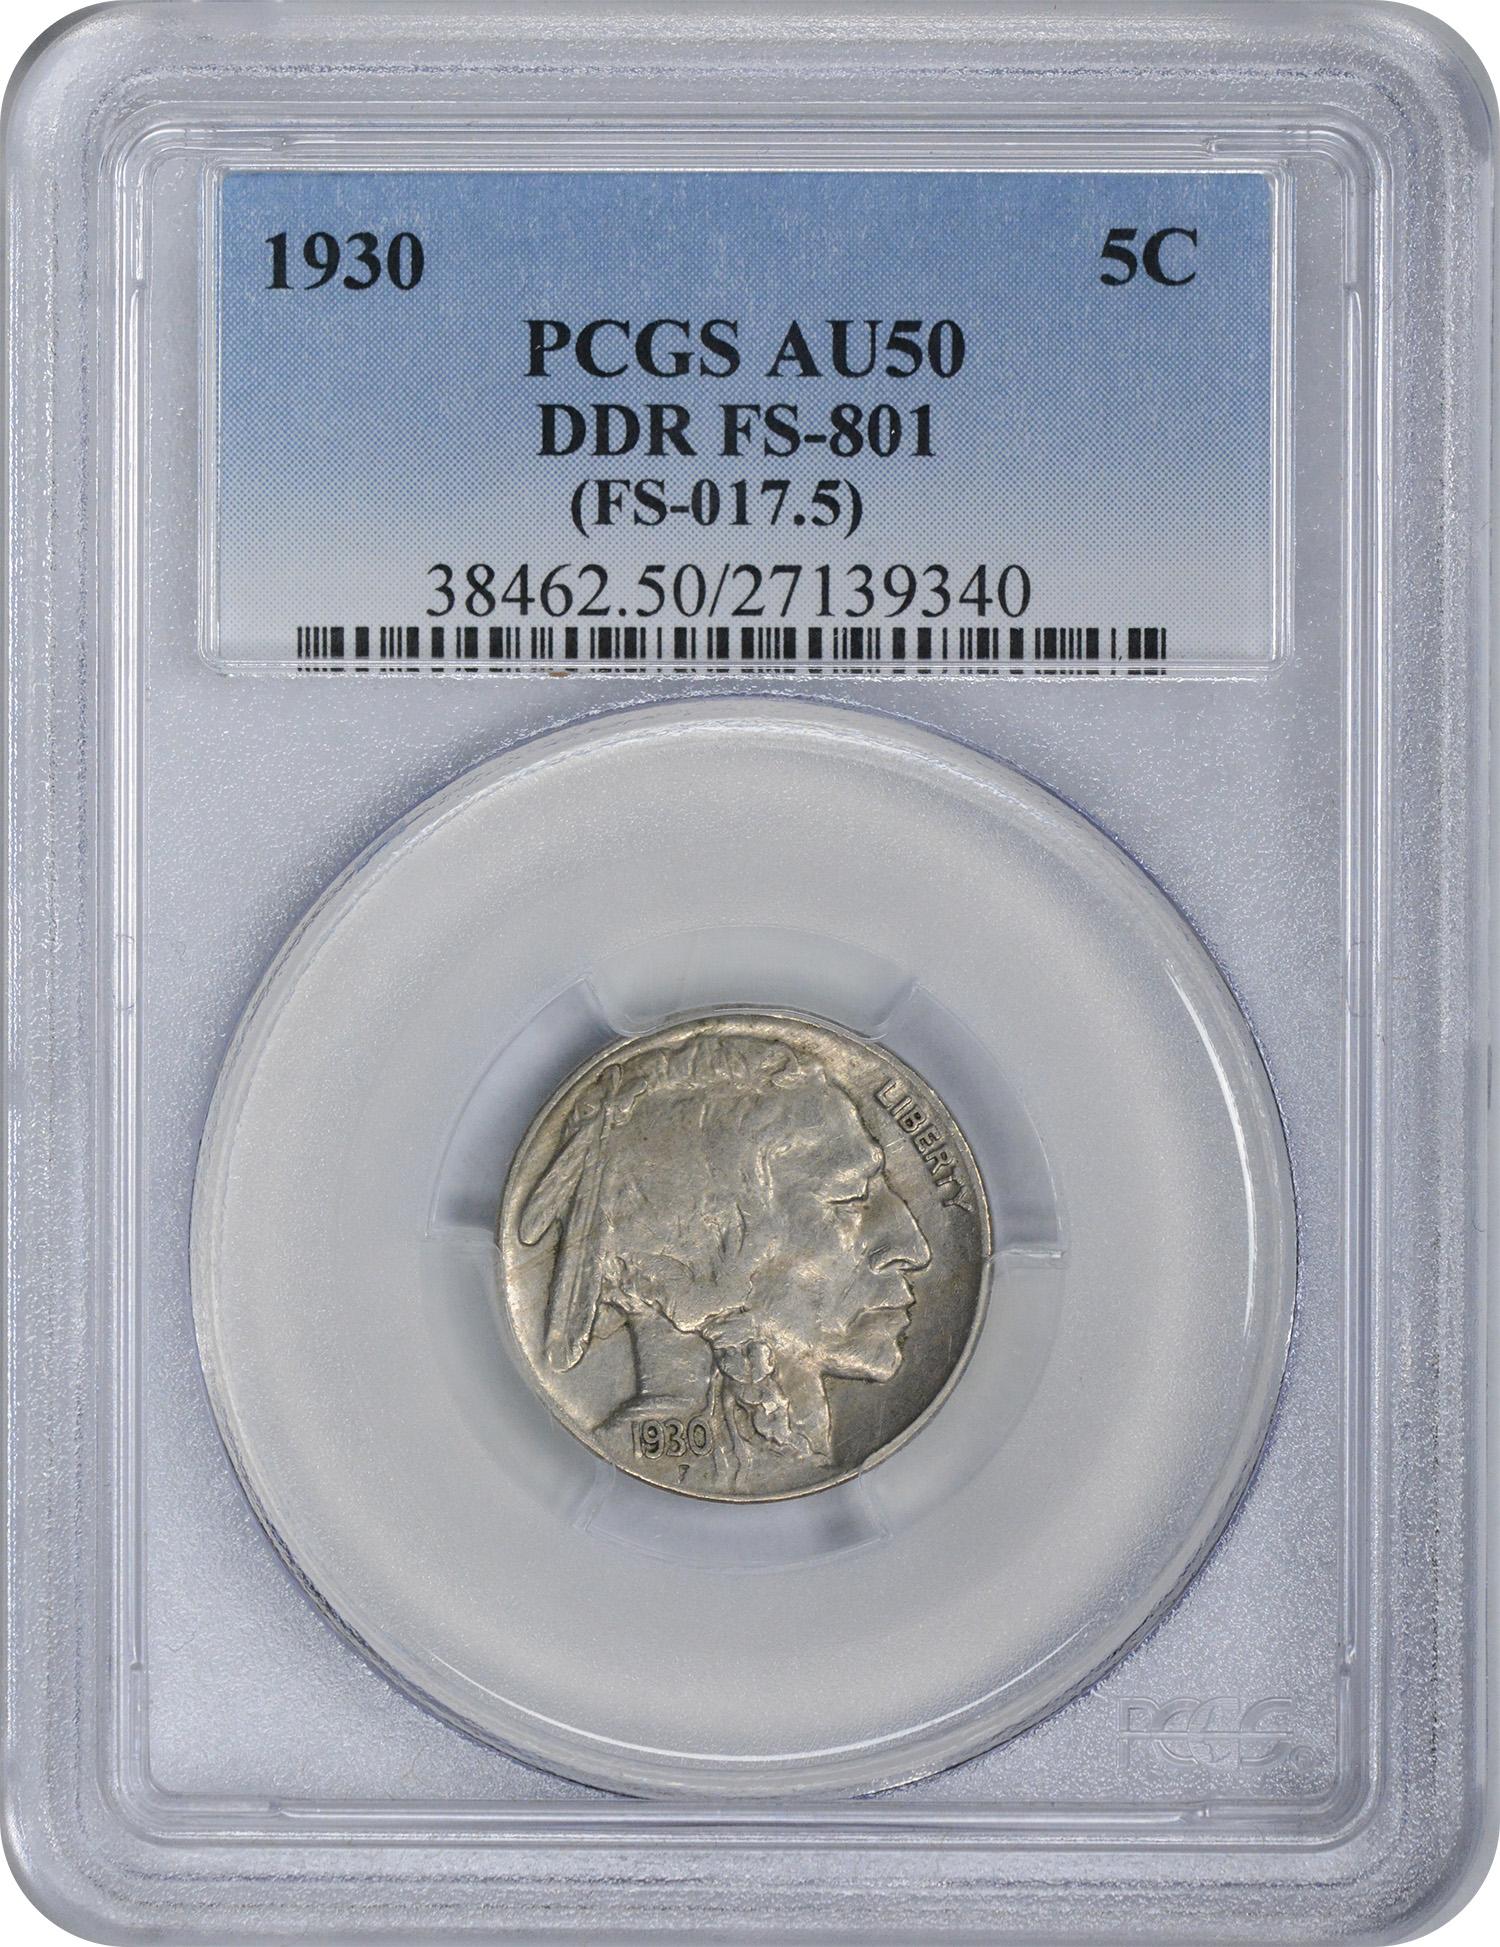 1930 Buffalo Nickel DDR FS-801 AU50 PCGS